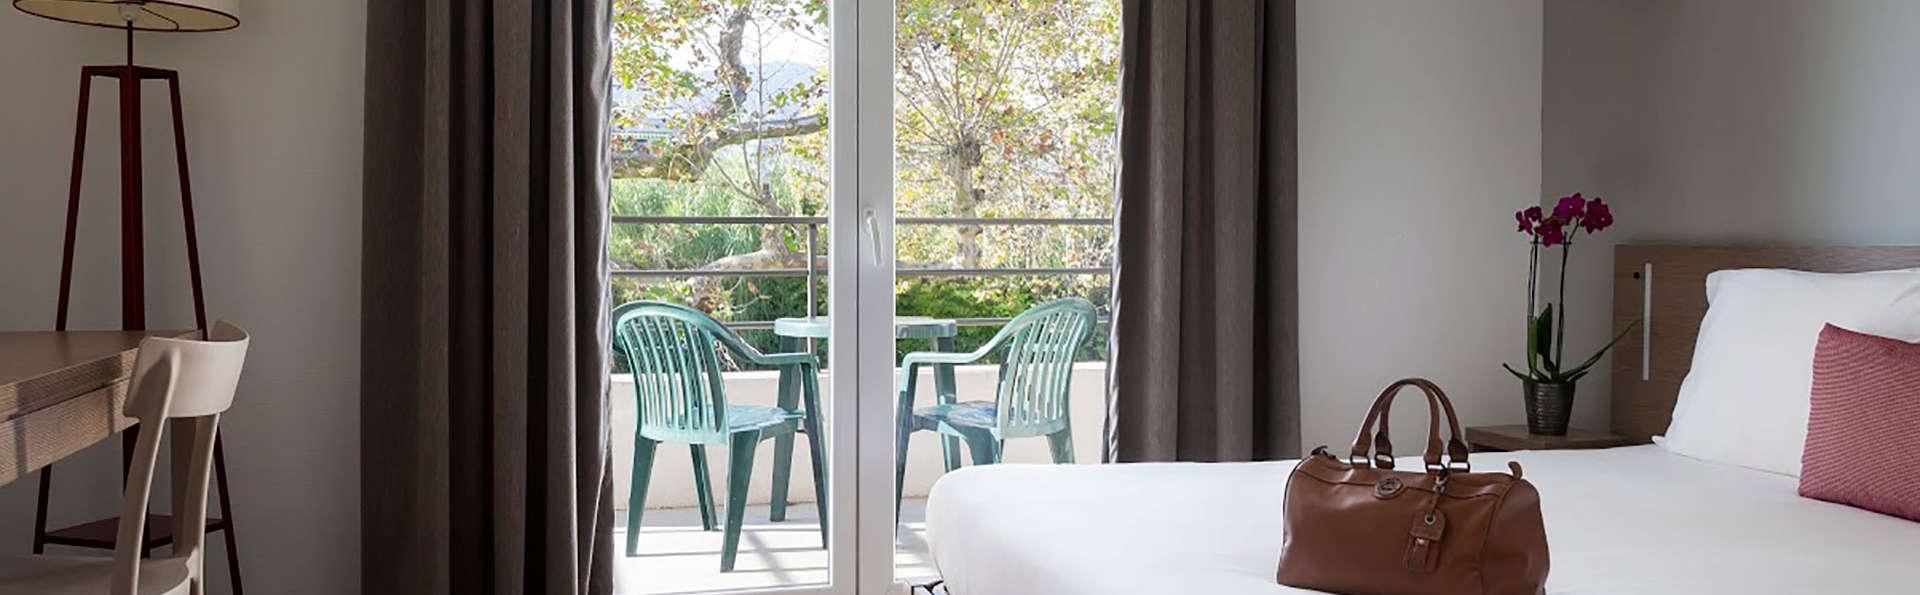 Escapade touristique à deux pas de Cannes